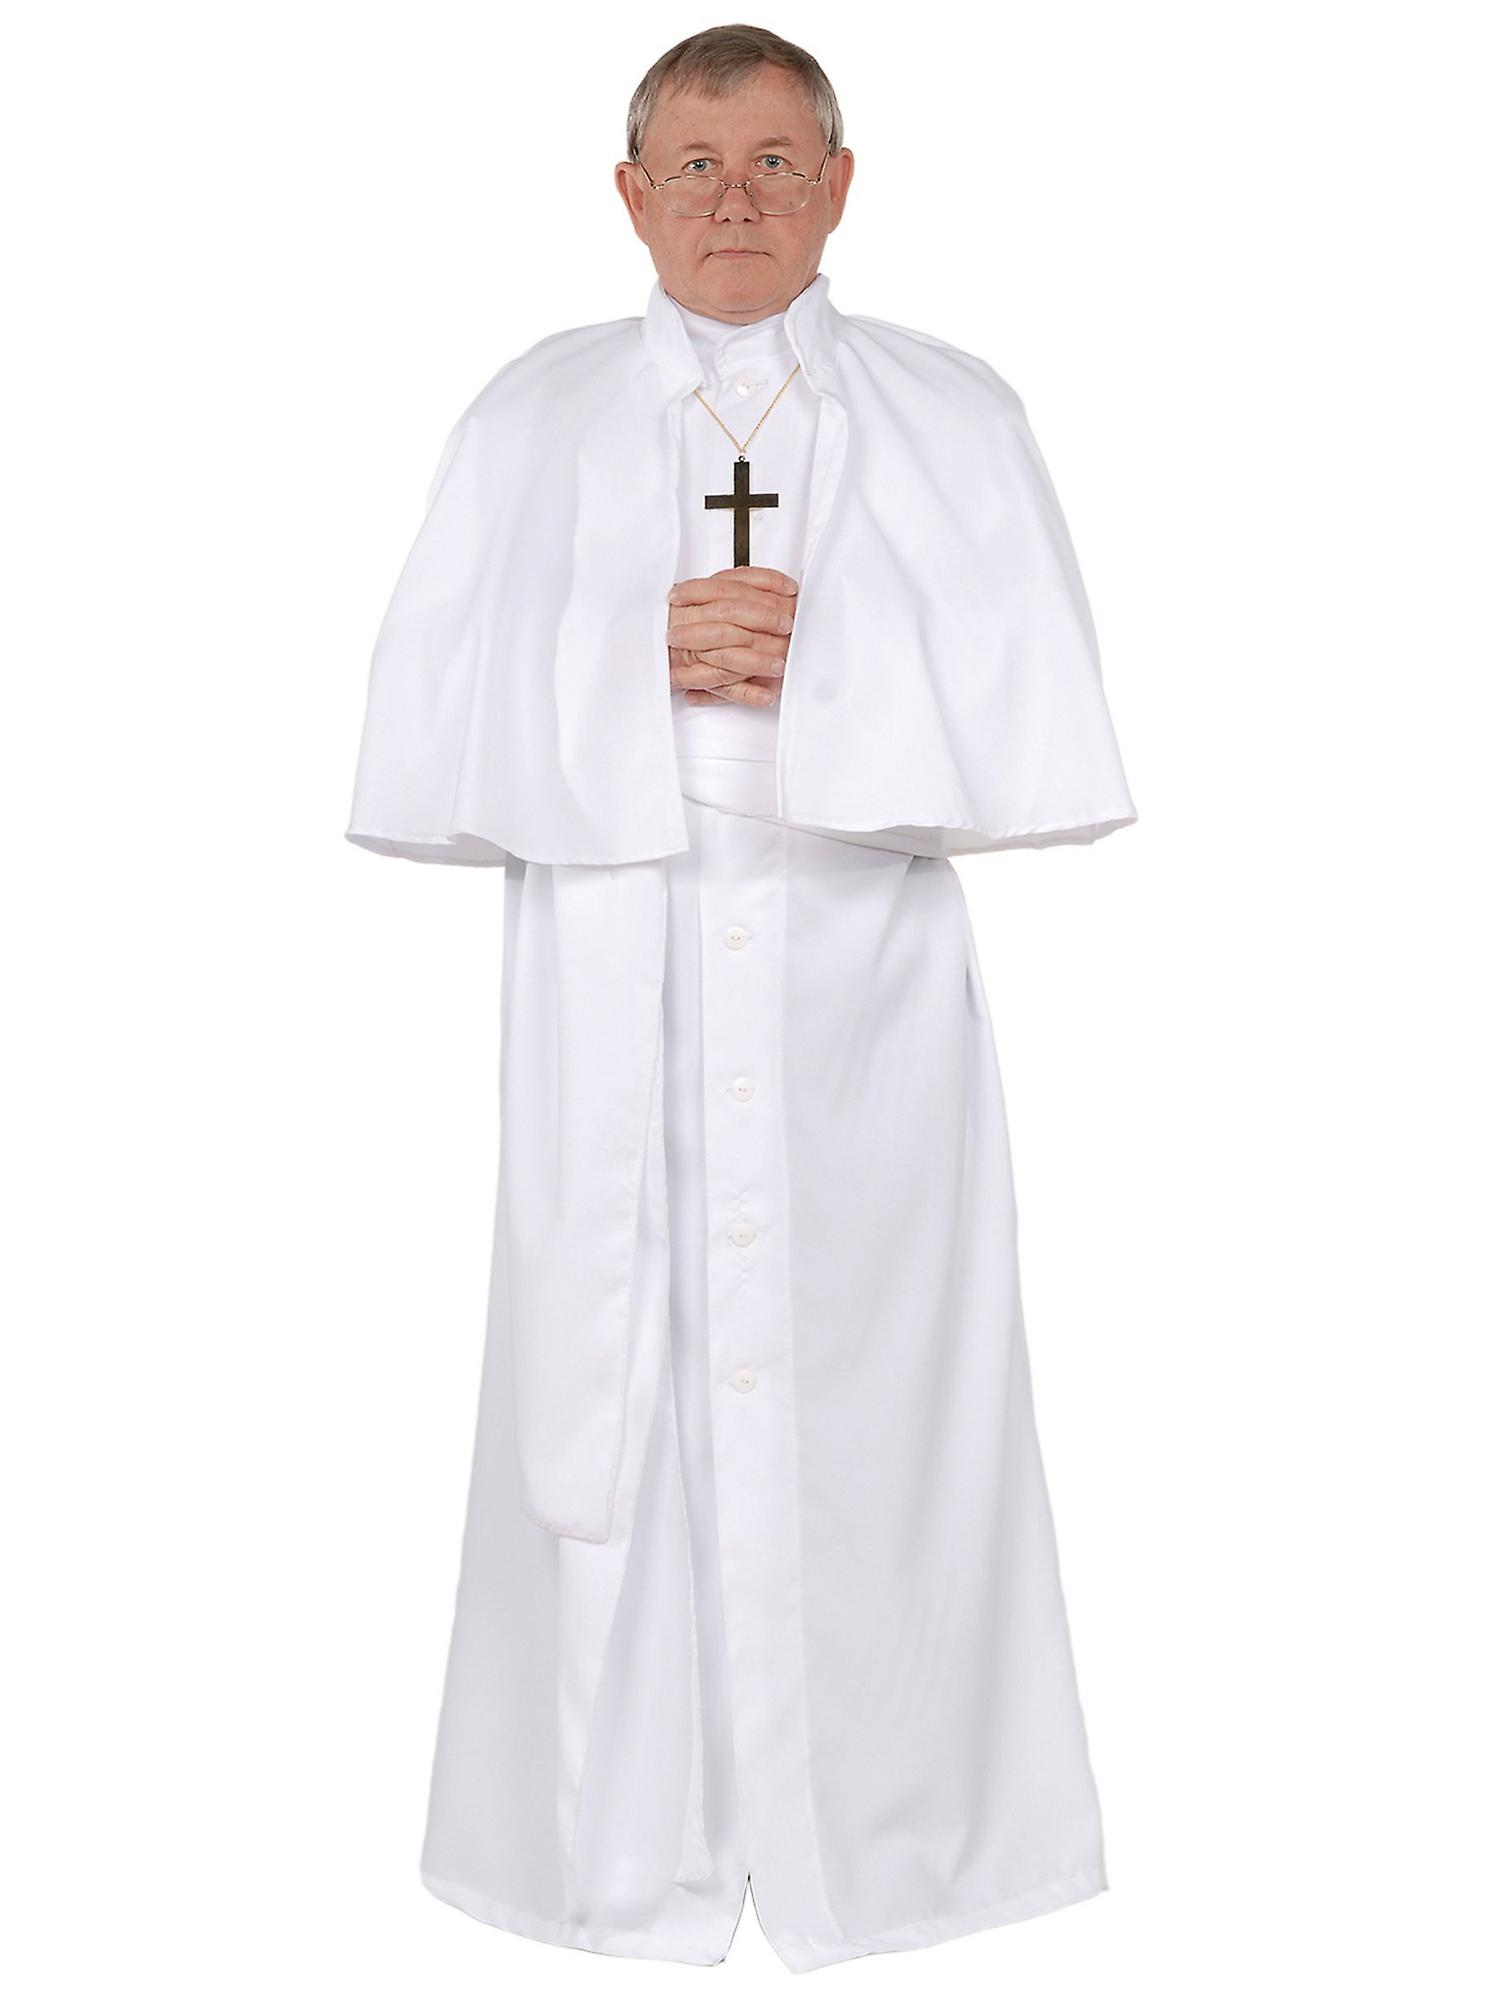 Påven religiösa biskop katolsk präst kardinal dräkt Deluxe män kostym afc4acc139caa